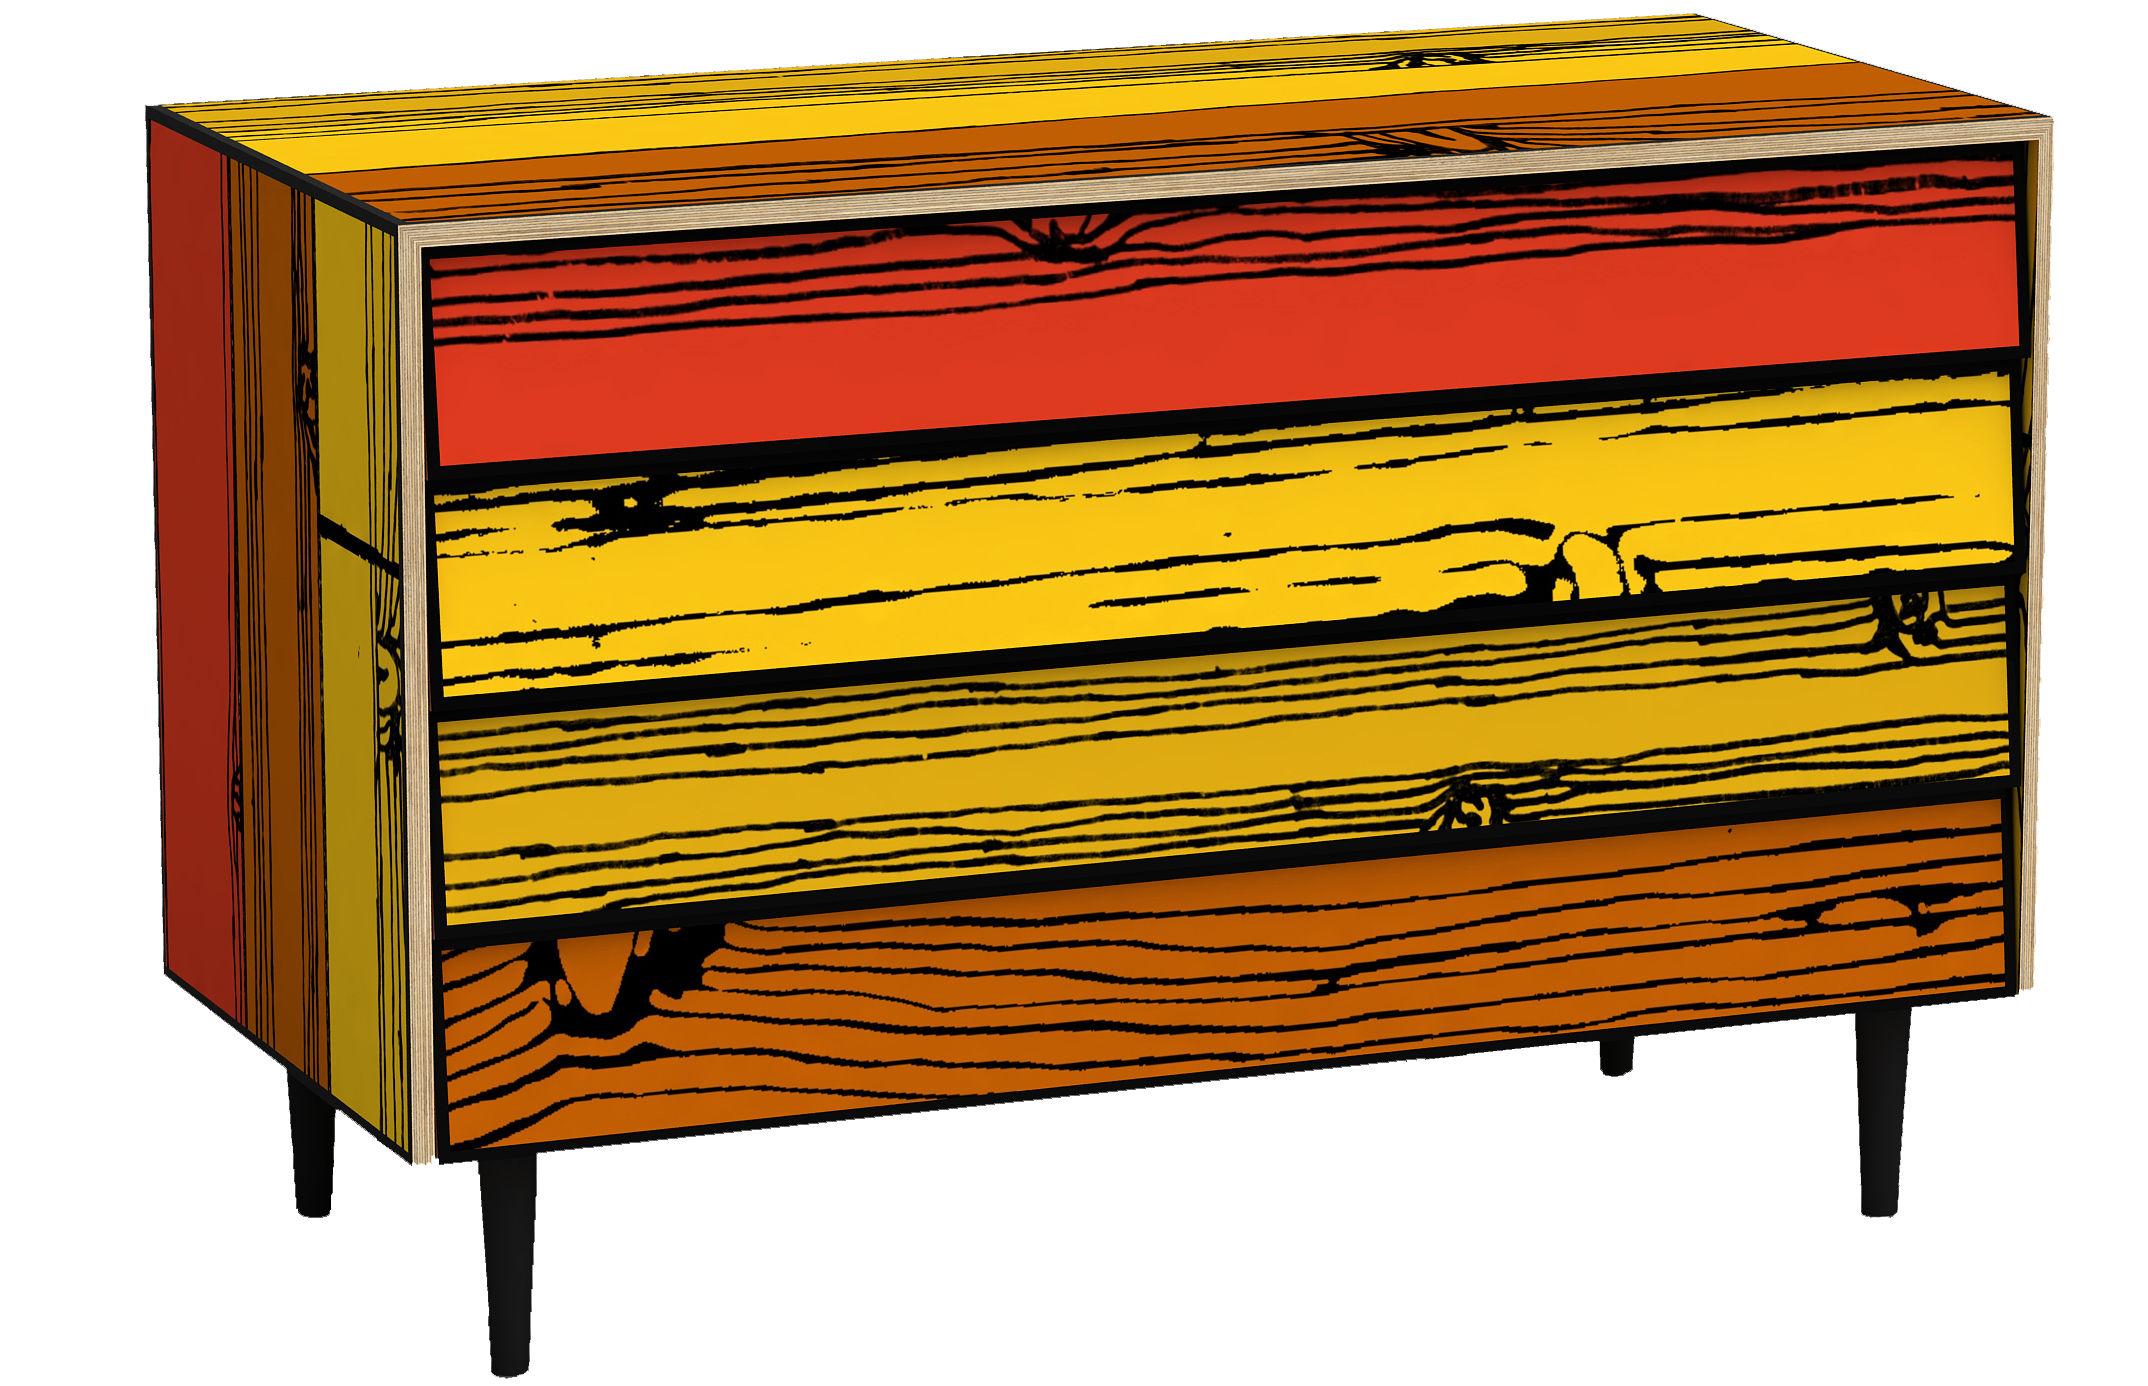 Möbel - Außergewöhnliche Möbel - Wrongwoods Kommode - Established & Sons - Rottöne - bemaltes Furnier